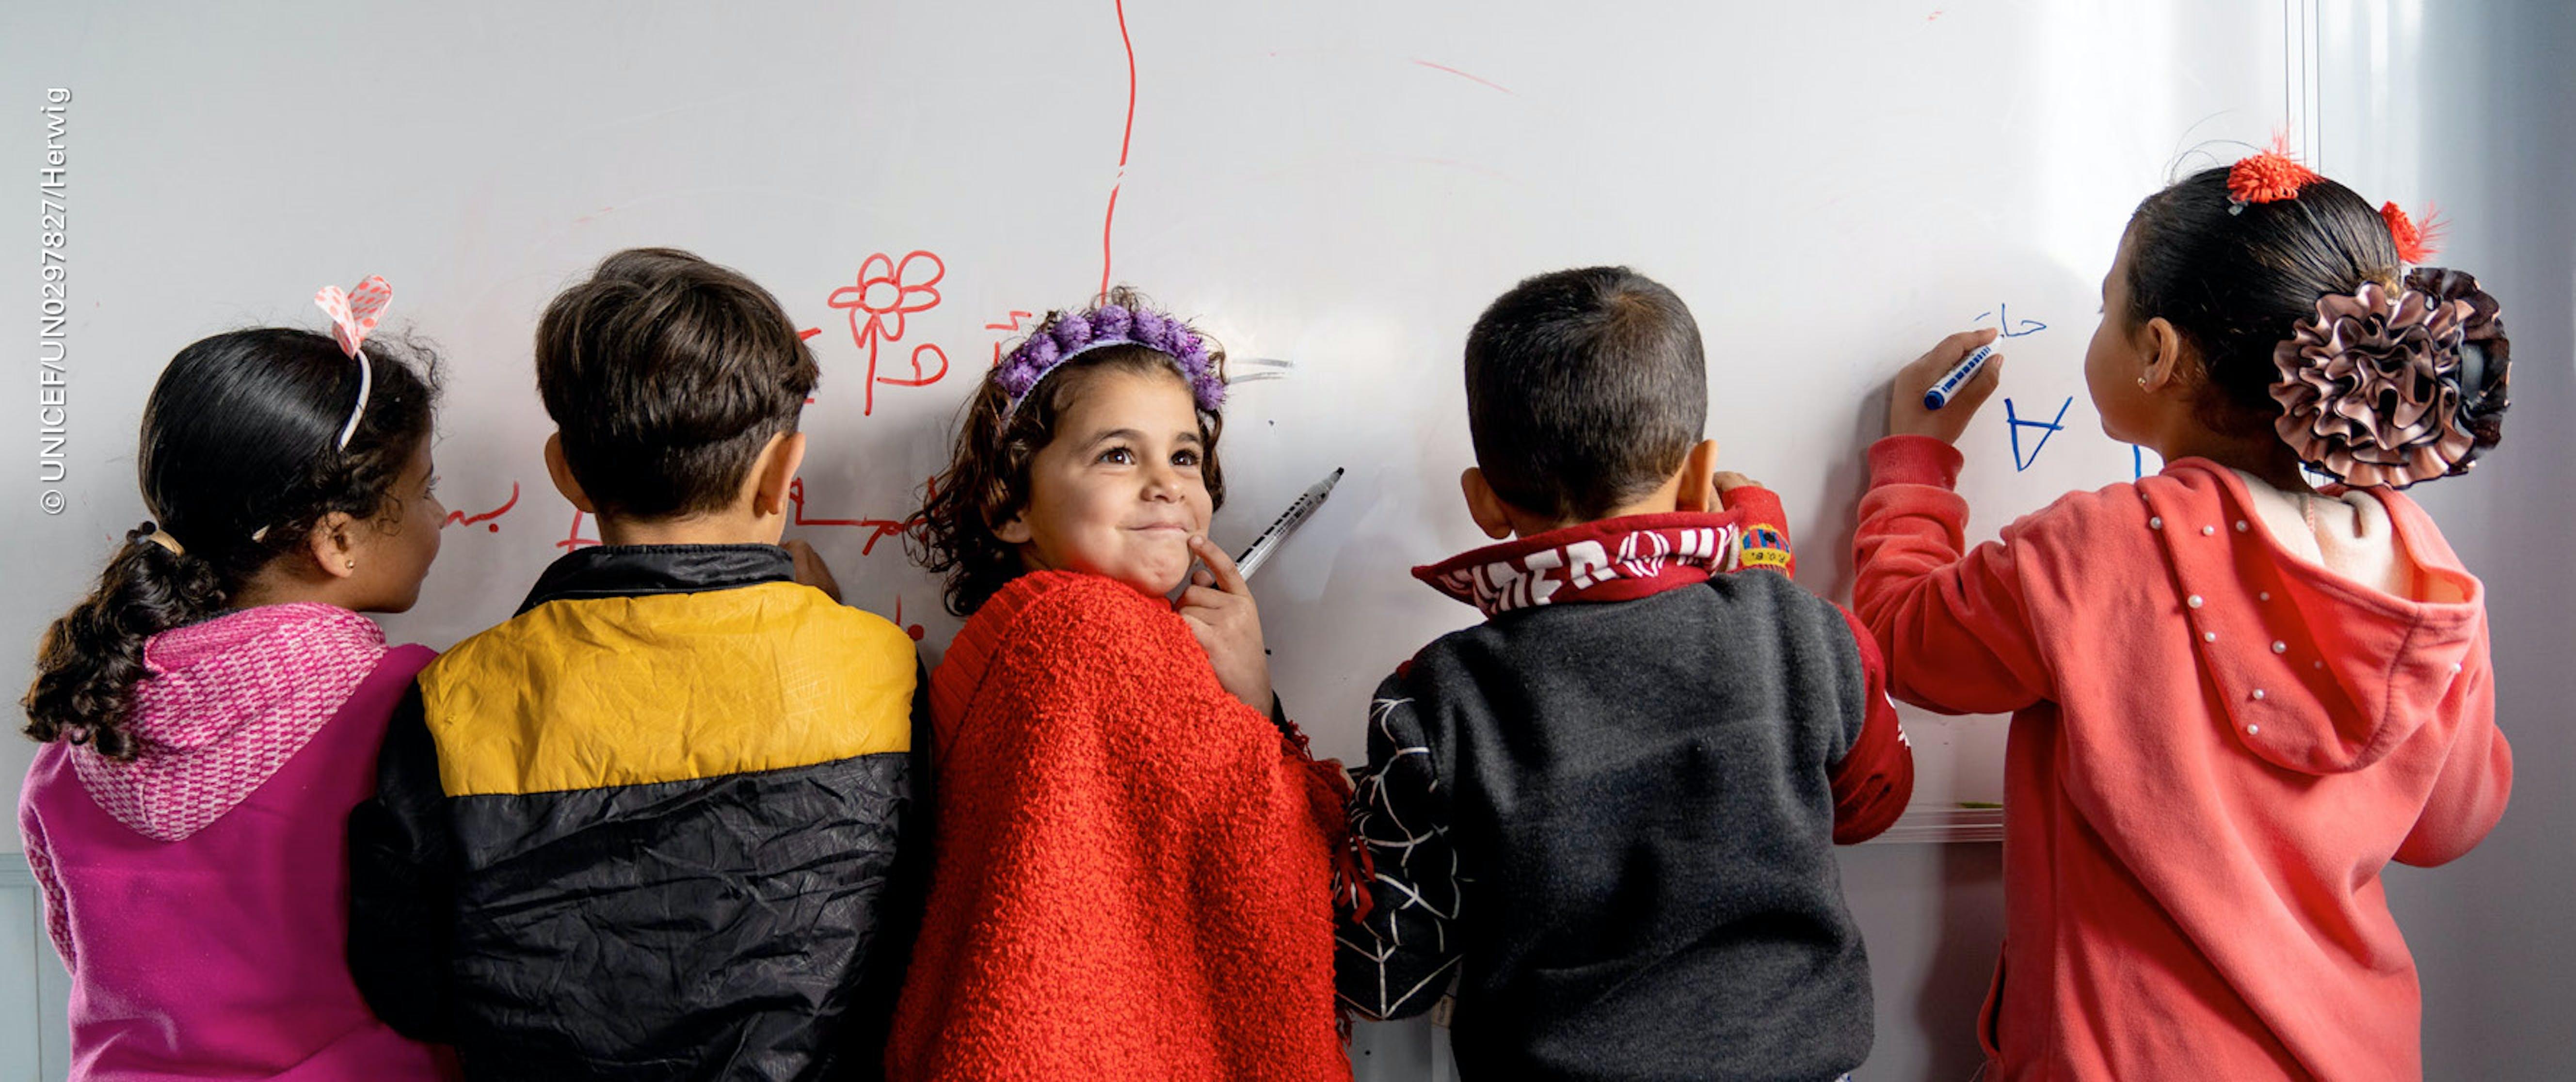 Bambini di spalle colorano su una lavagna